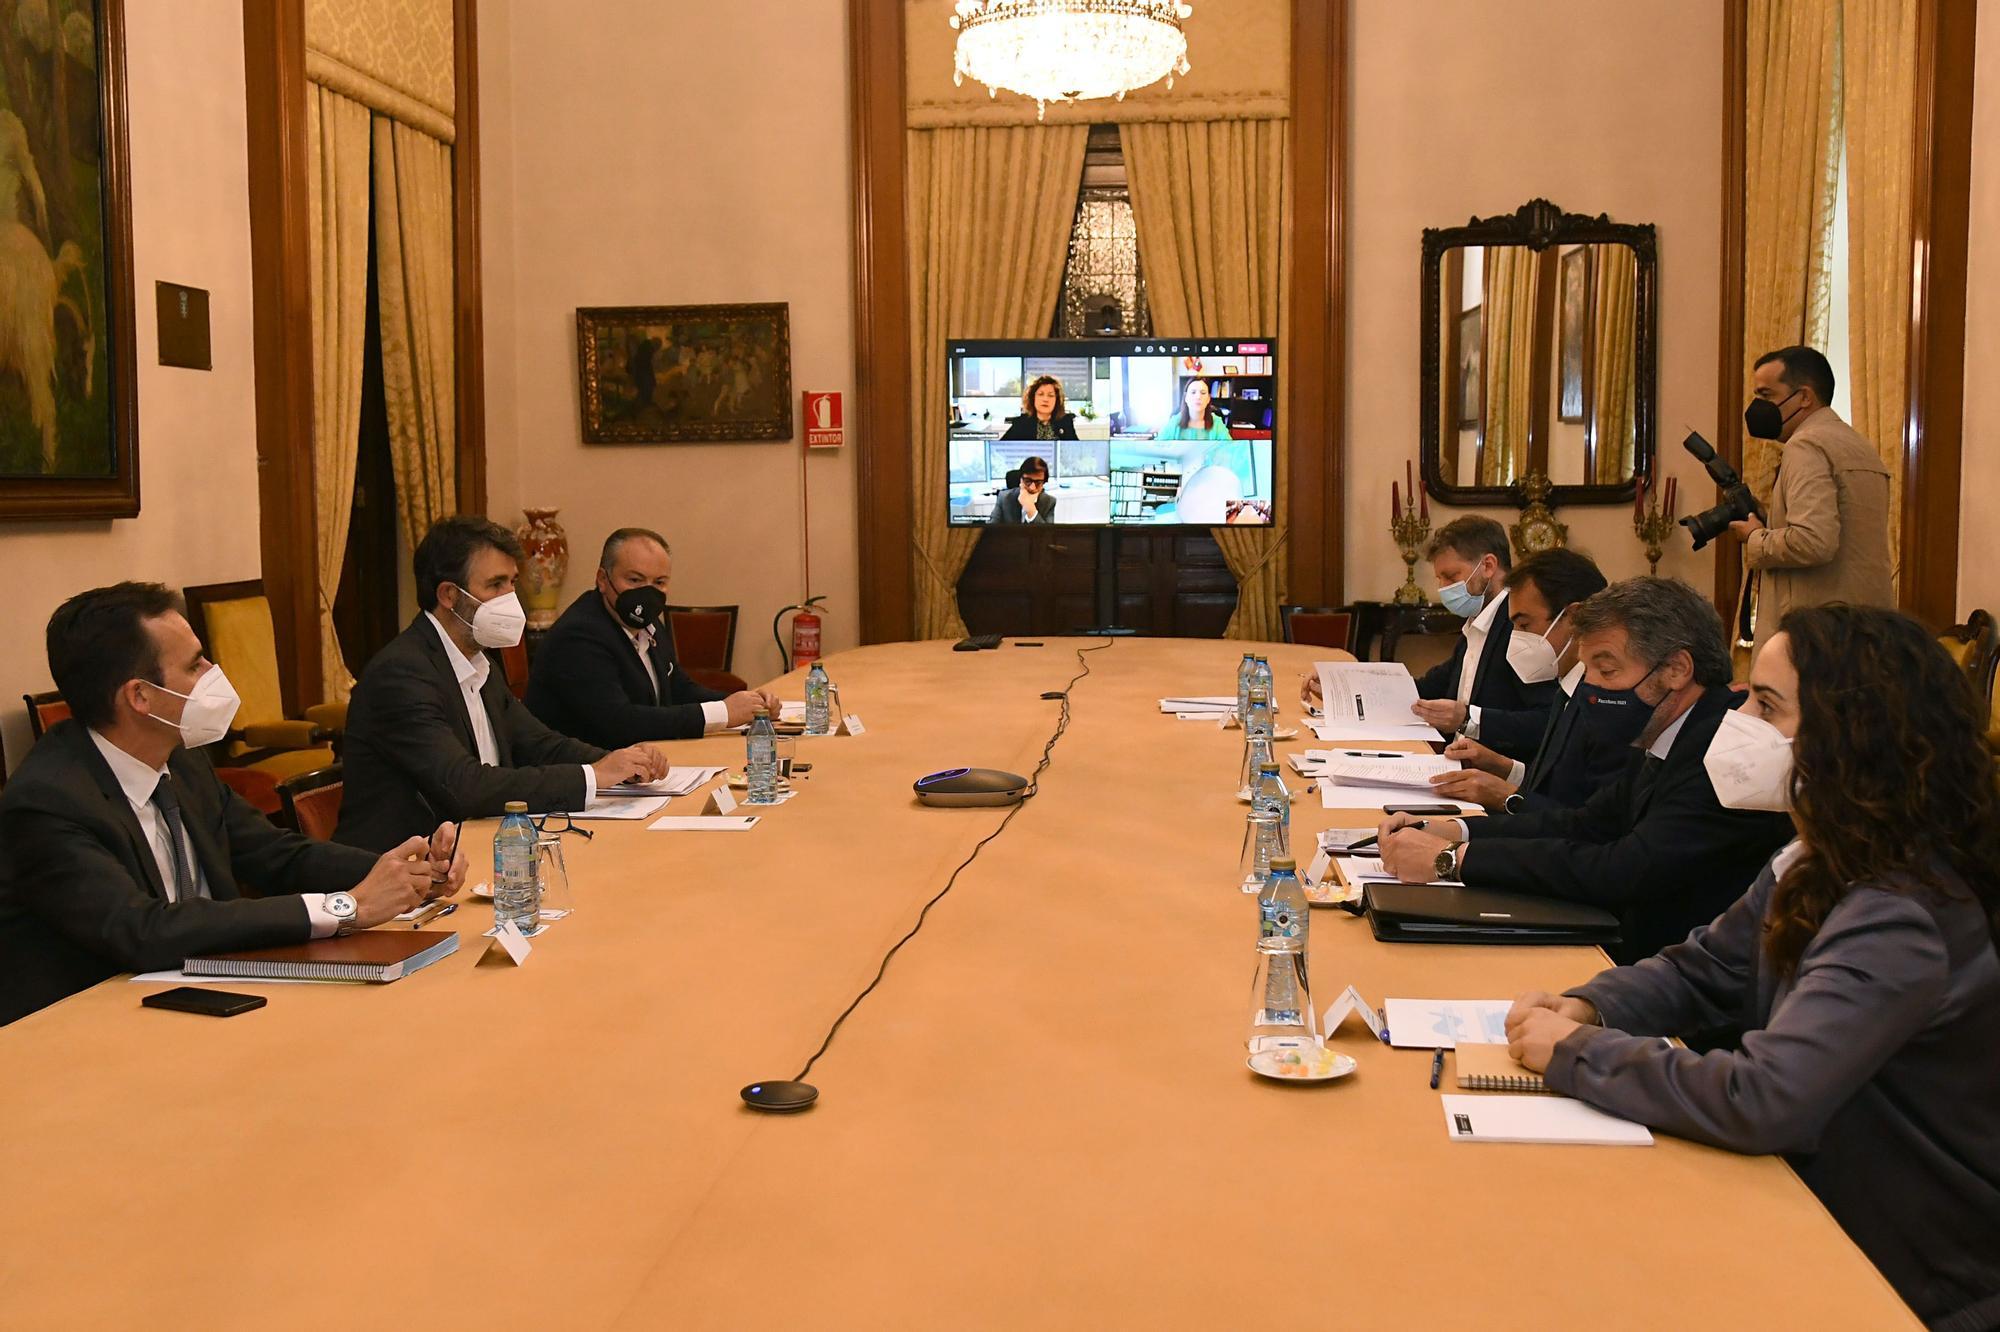 Comisión Interadministrativa do Porto da Coruña